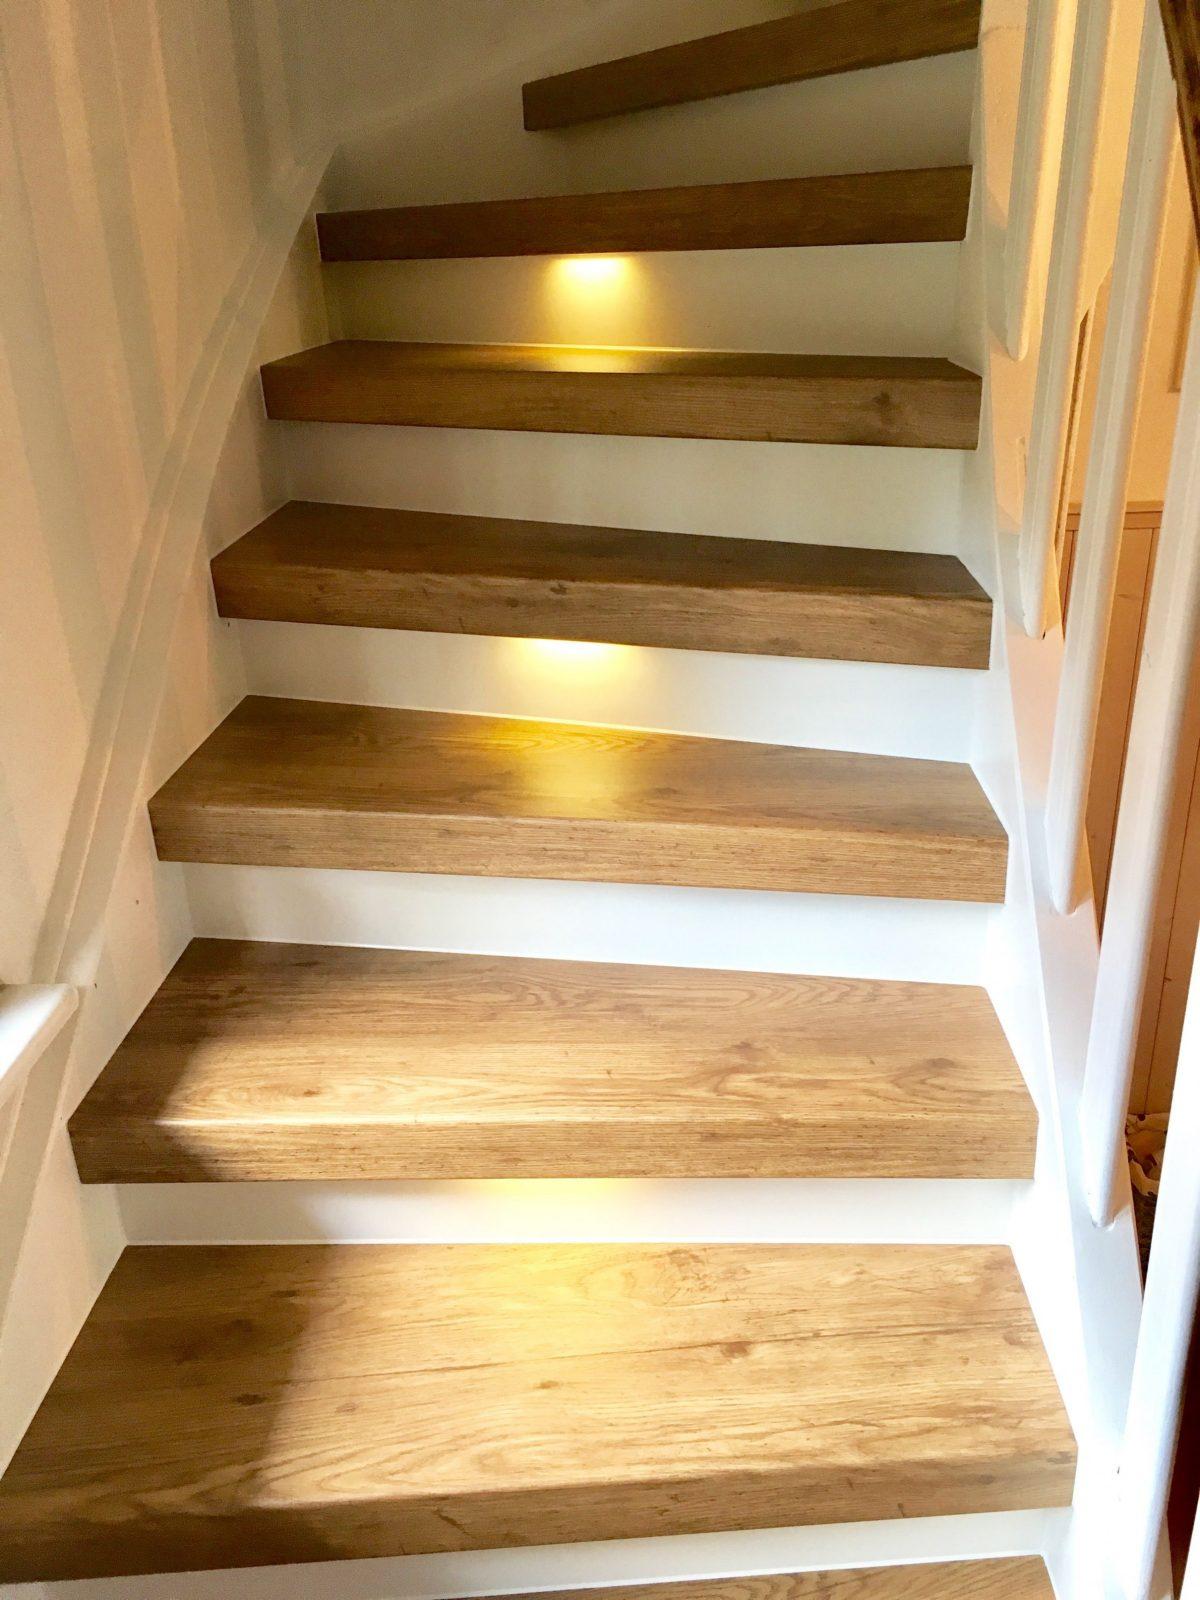 Treppenrenovierung Und Treppensanierung Von Vinylstufen Vinyltreppen von Altes Treppenhaus Neu Gestalten Bild